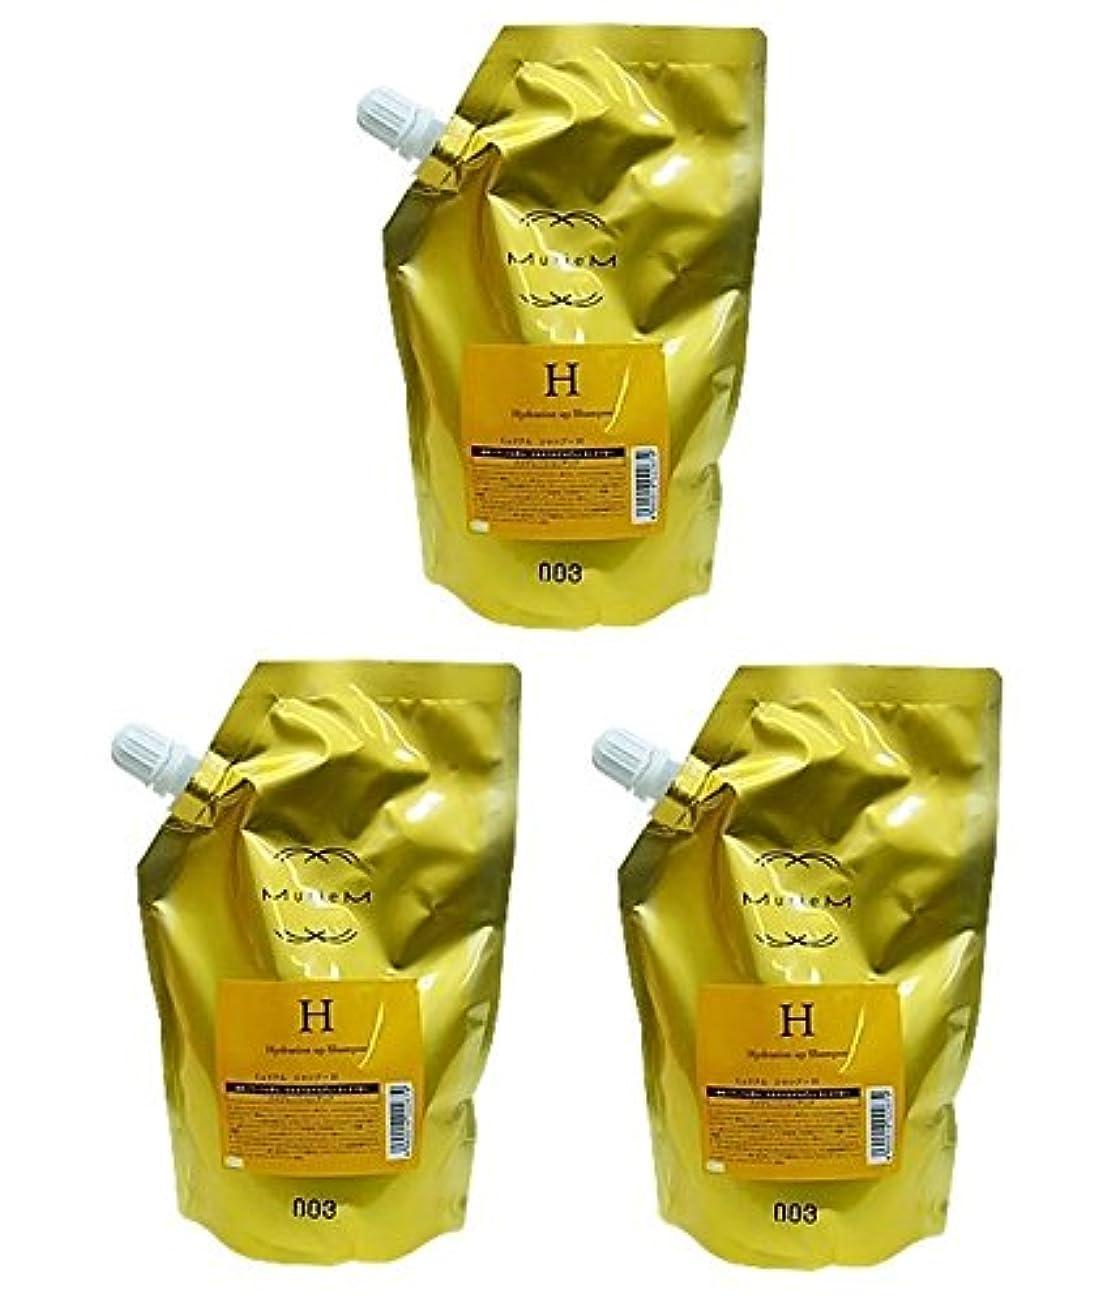 窒素リーガンメディア【X3個セット】 ナンバースリー ミュリアム ゴールド シャンプー H 500ml 詰替え用